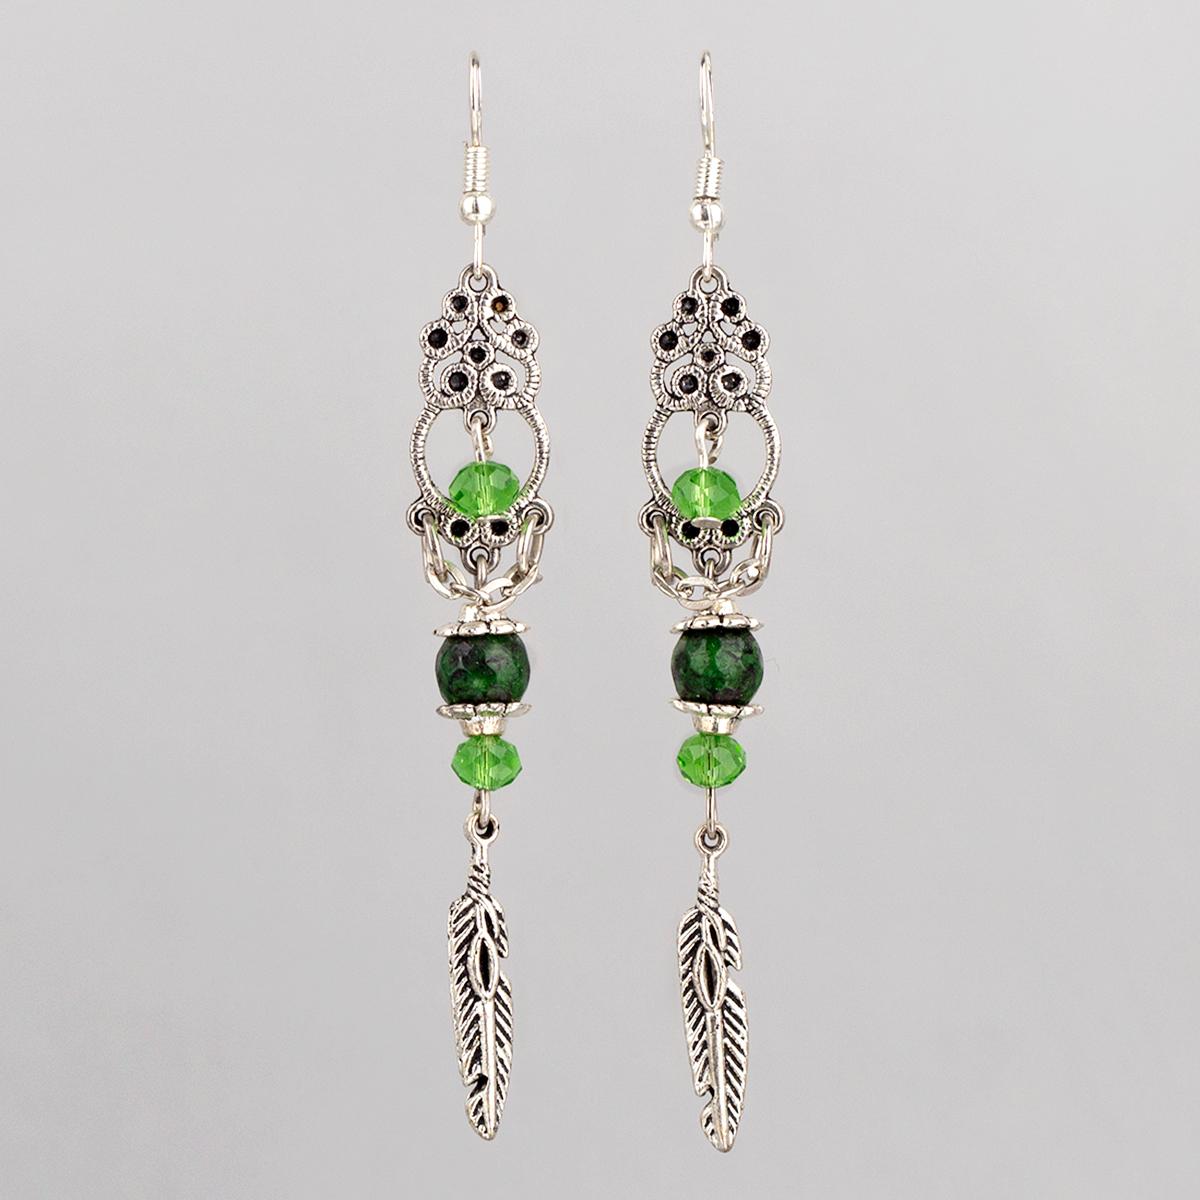 Green Serpentine Long earrings,